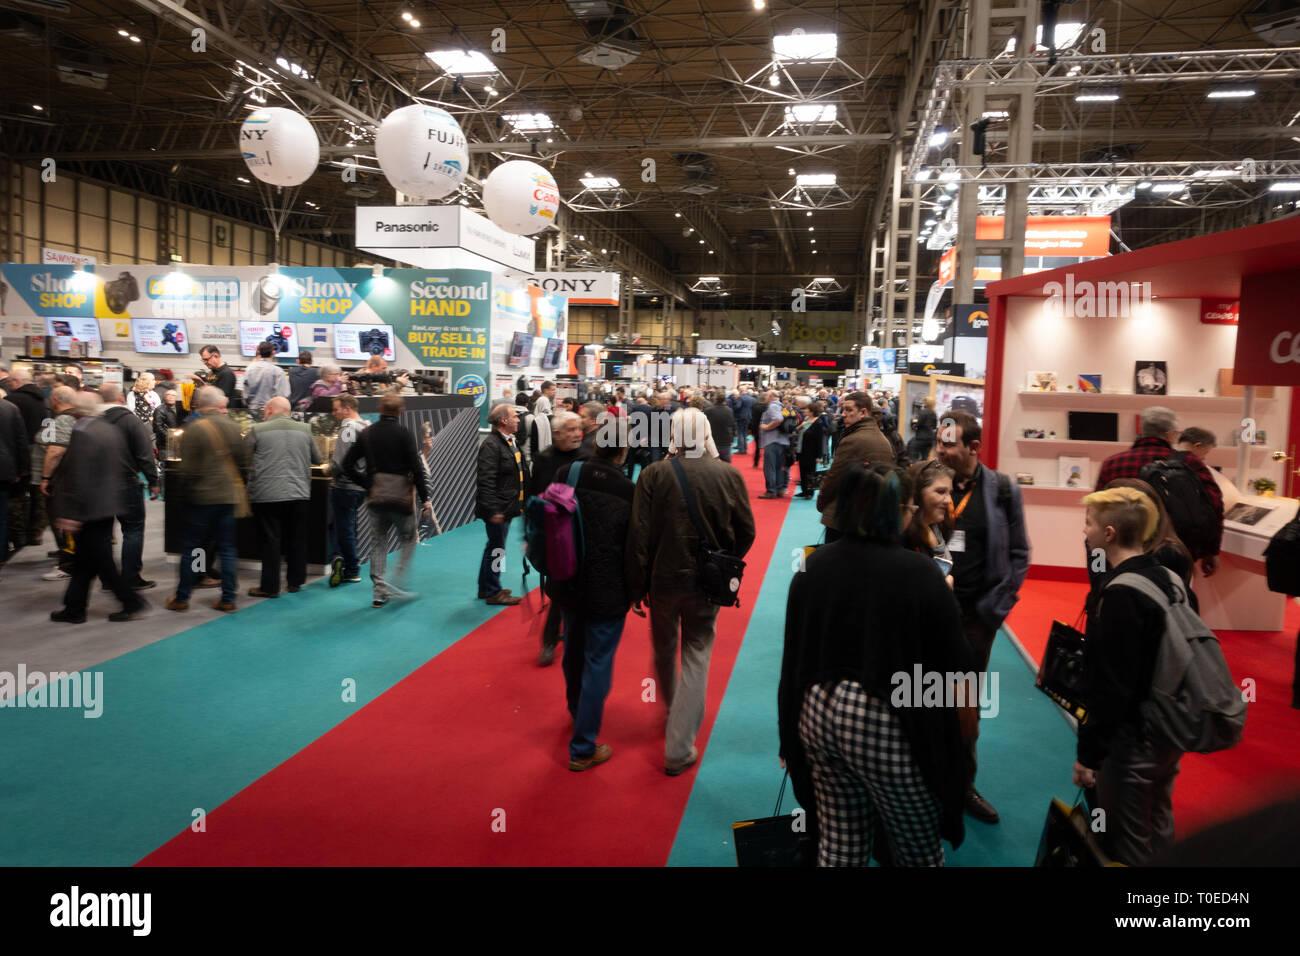 Una muchedumbre en movimiento y vista de personas se congregan en la fotografía Show 2019 en el centro de exposiciones NEC en Birmingham. Foto de stock